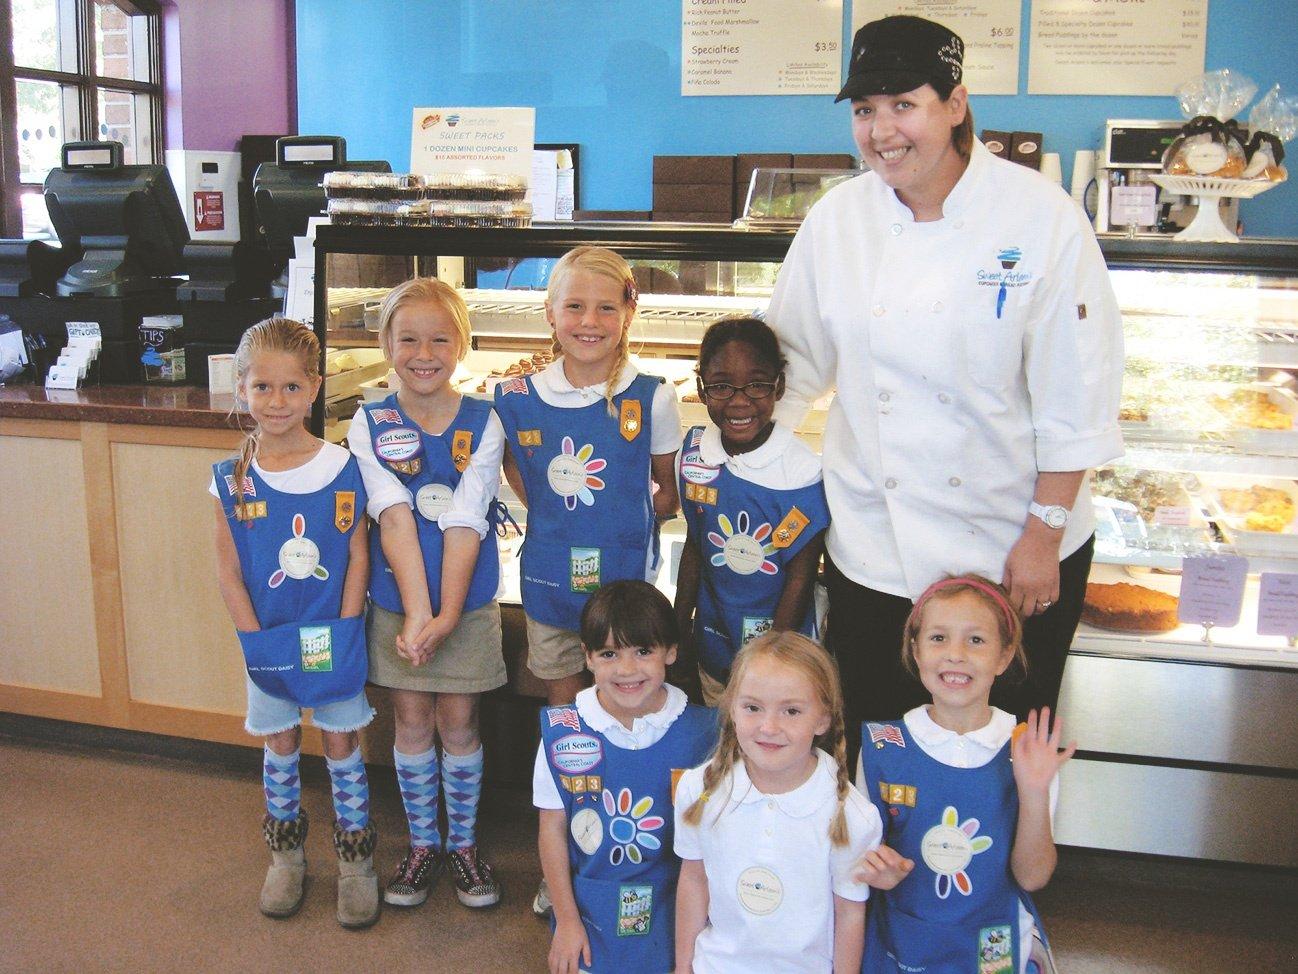 Kids Deco Party in Sweet arleens bakery shop